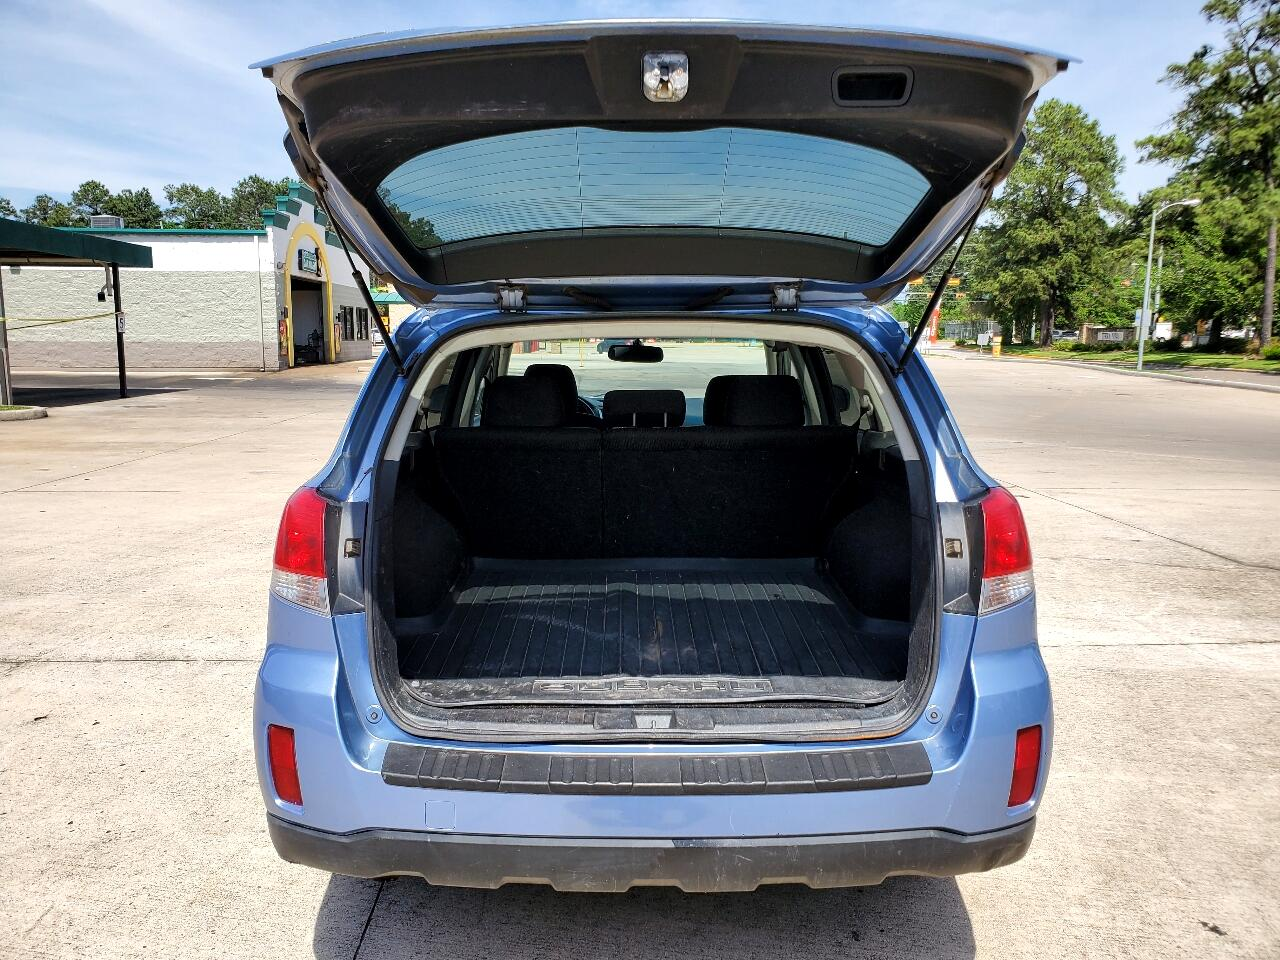 Subaru Outback 4dr Wgn H4 Auto 2.5i Premium 2012